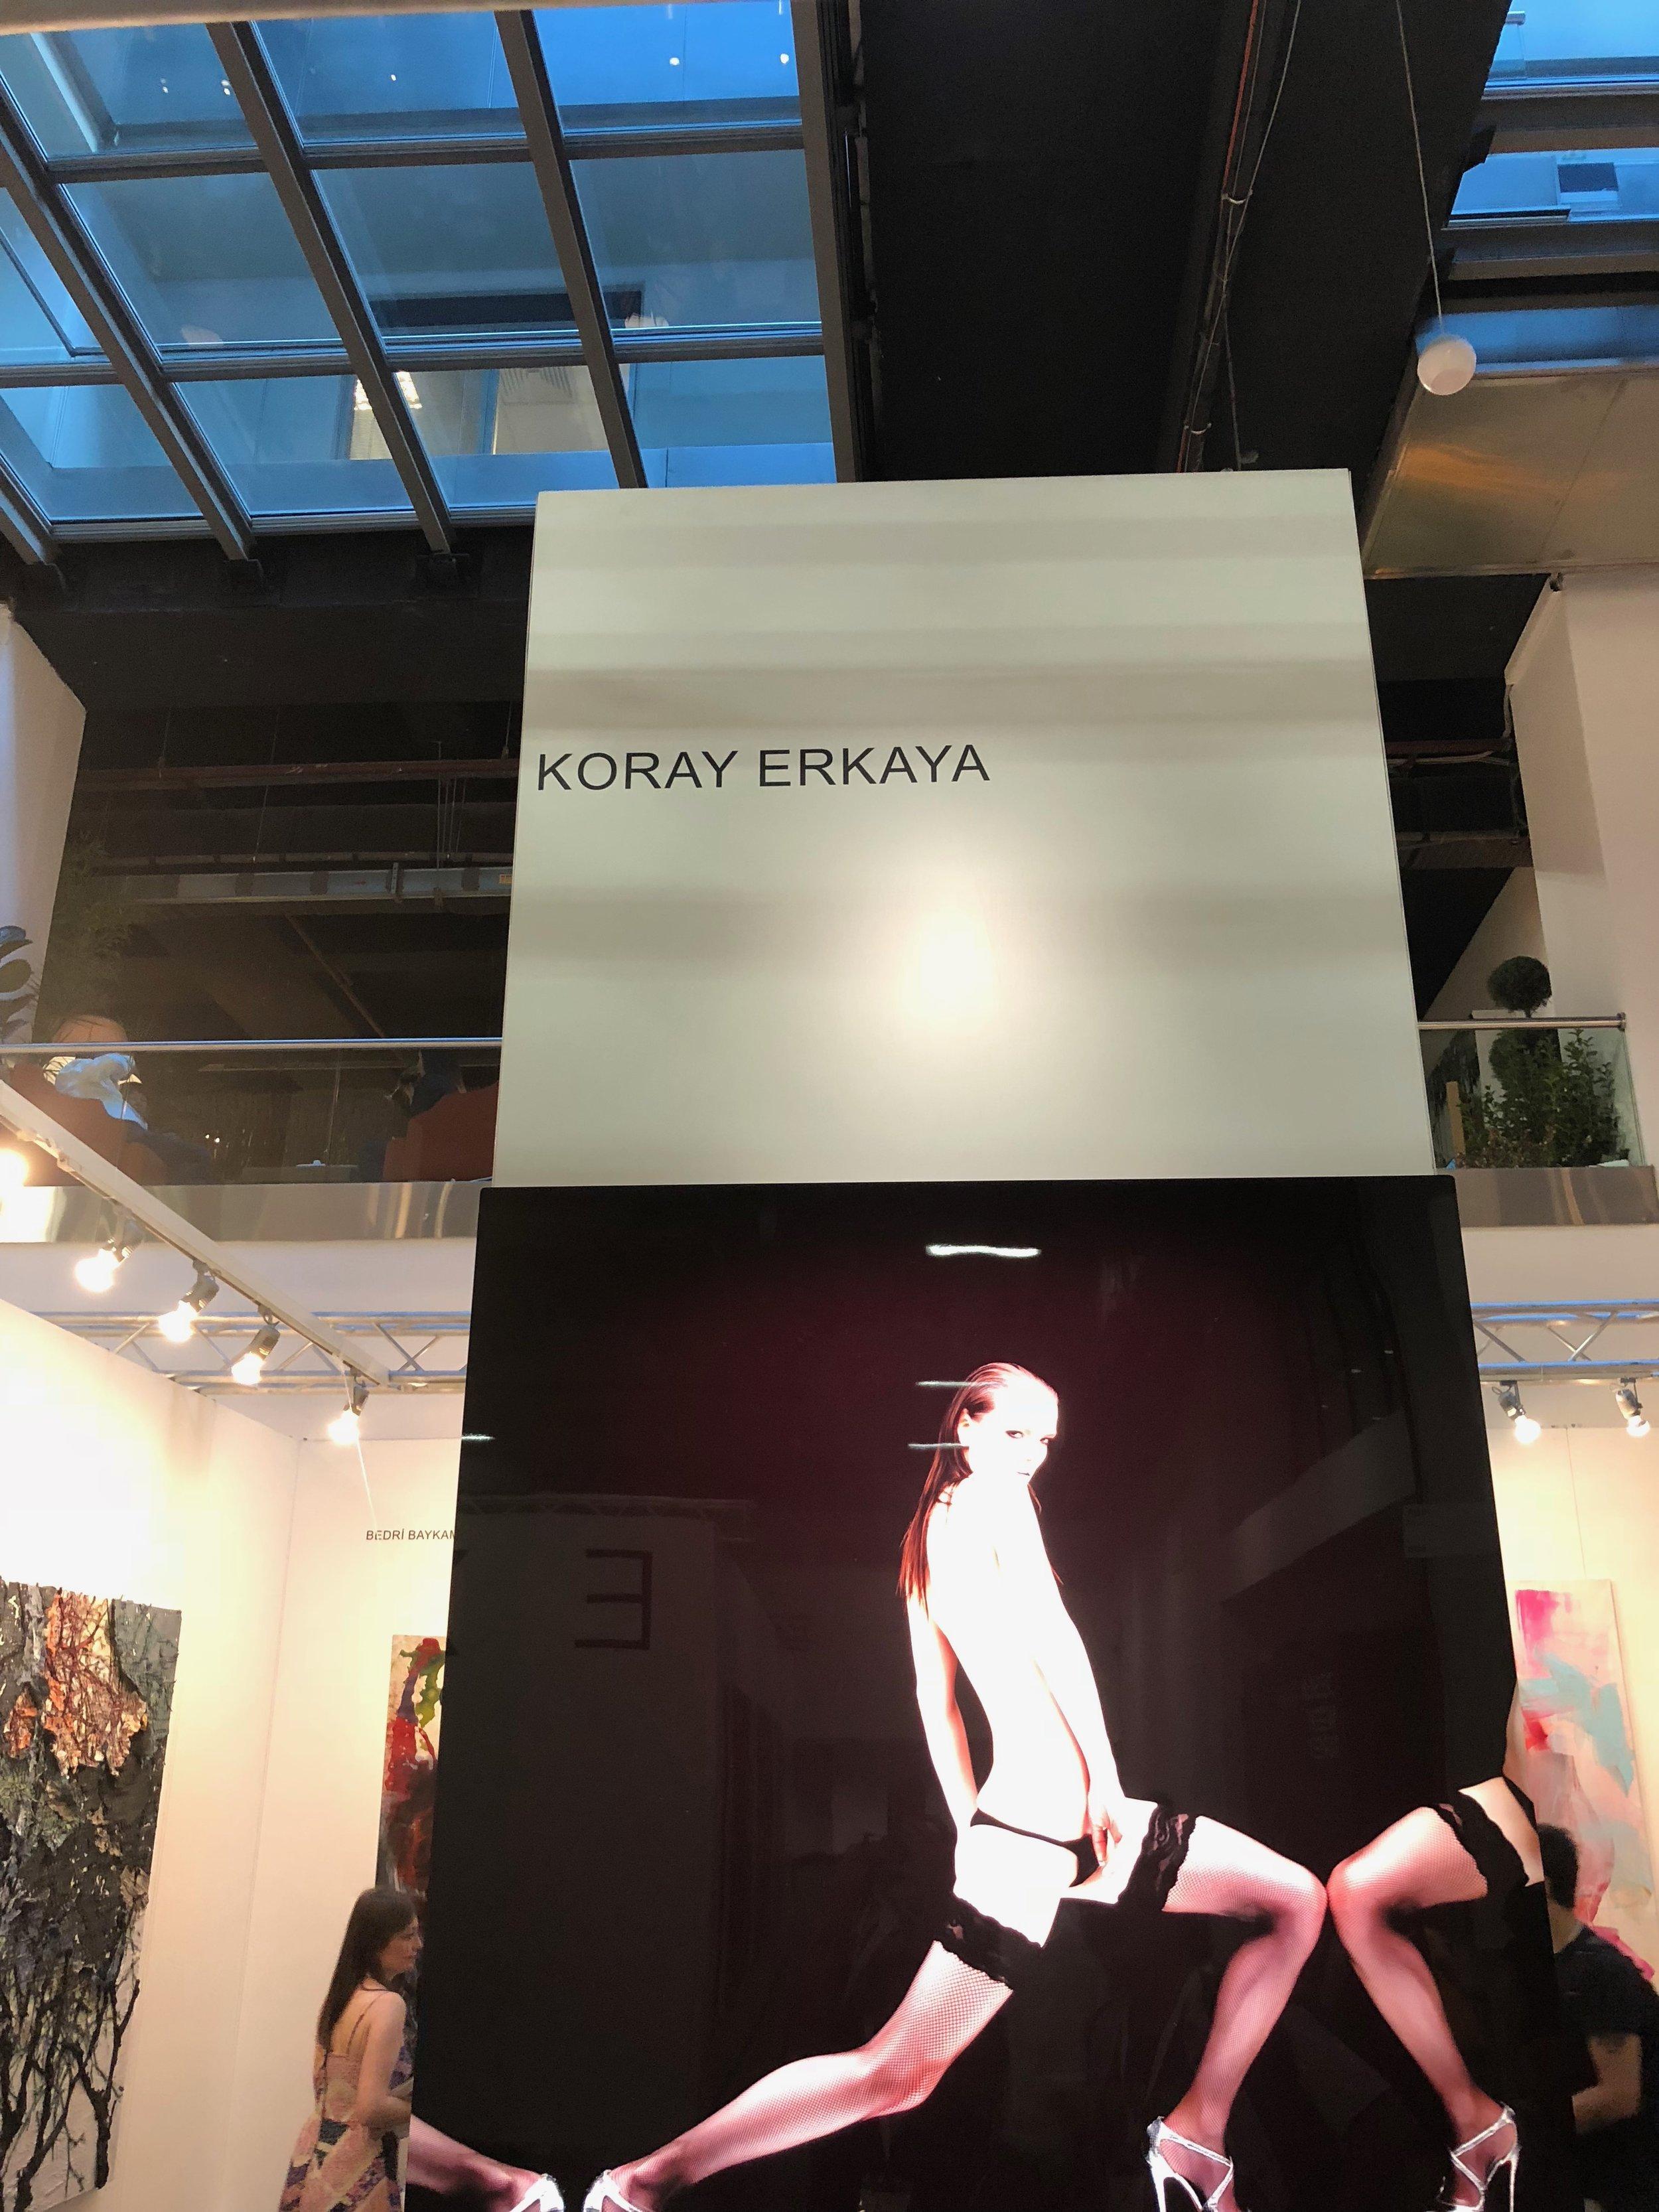 Koray Erkaya at Pyramid Sanat